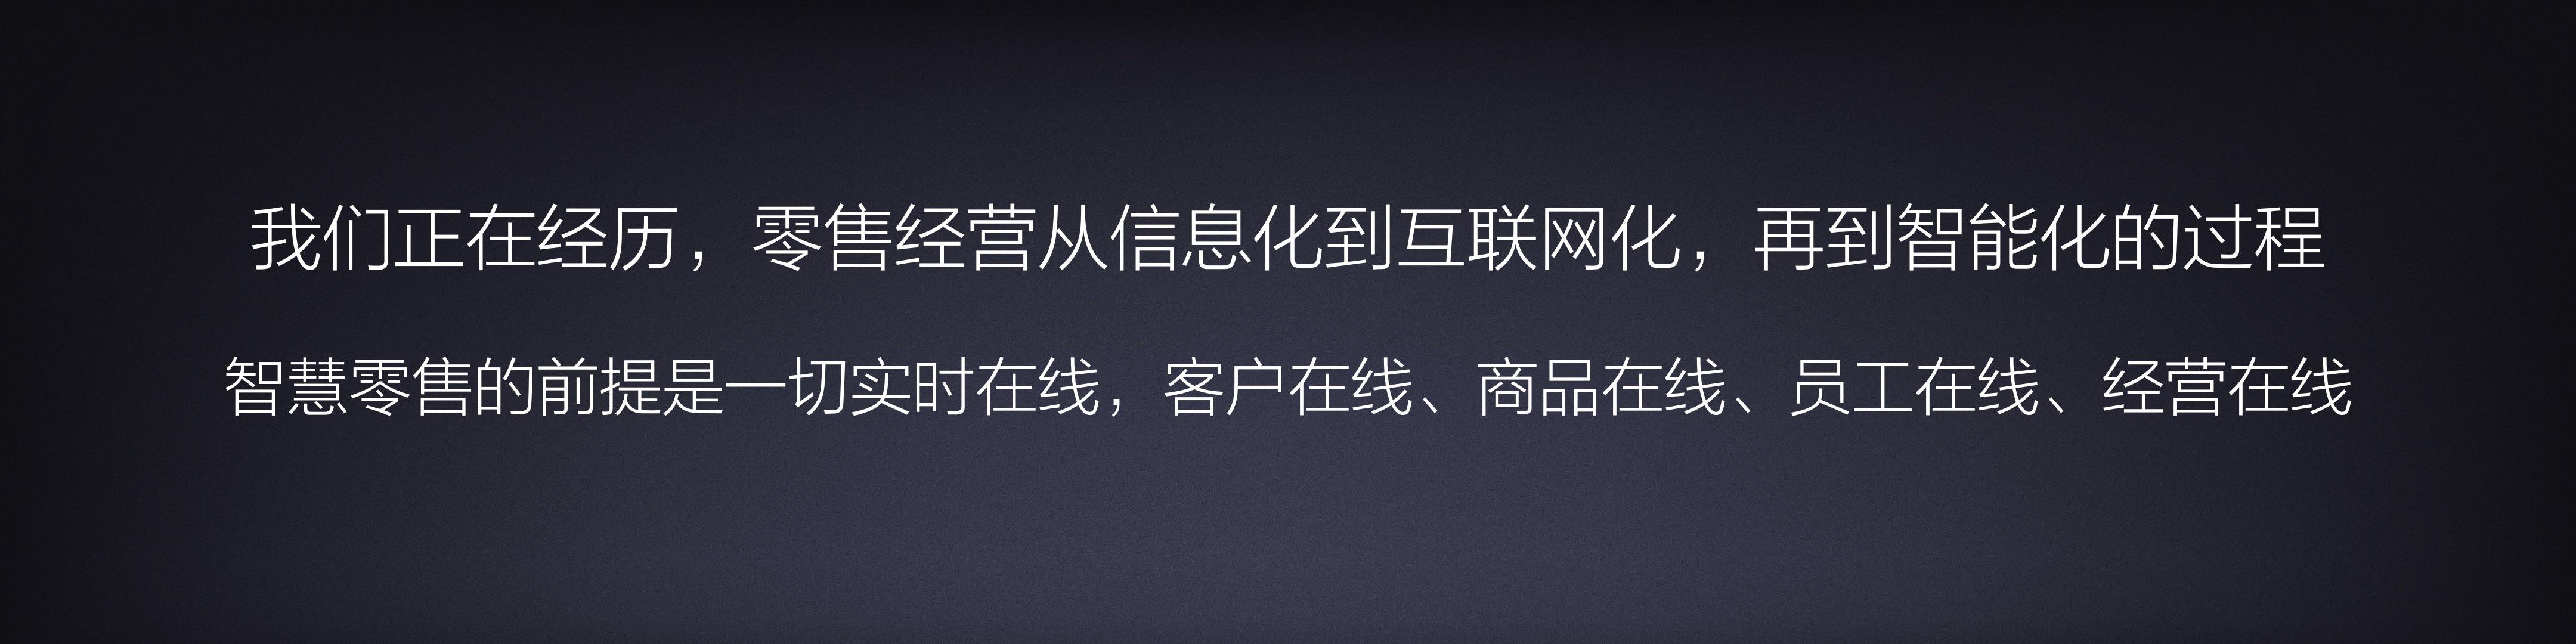 2018有赞春季沙龙-公开版.008.jpeg